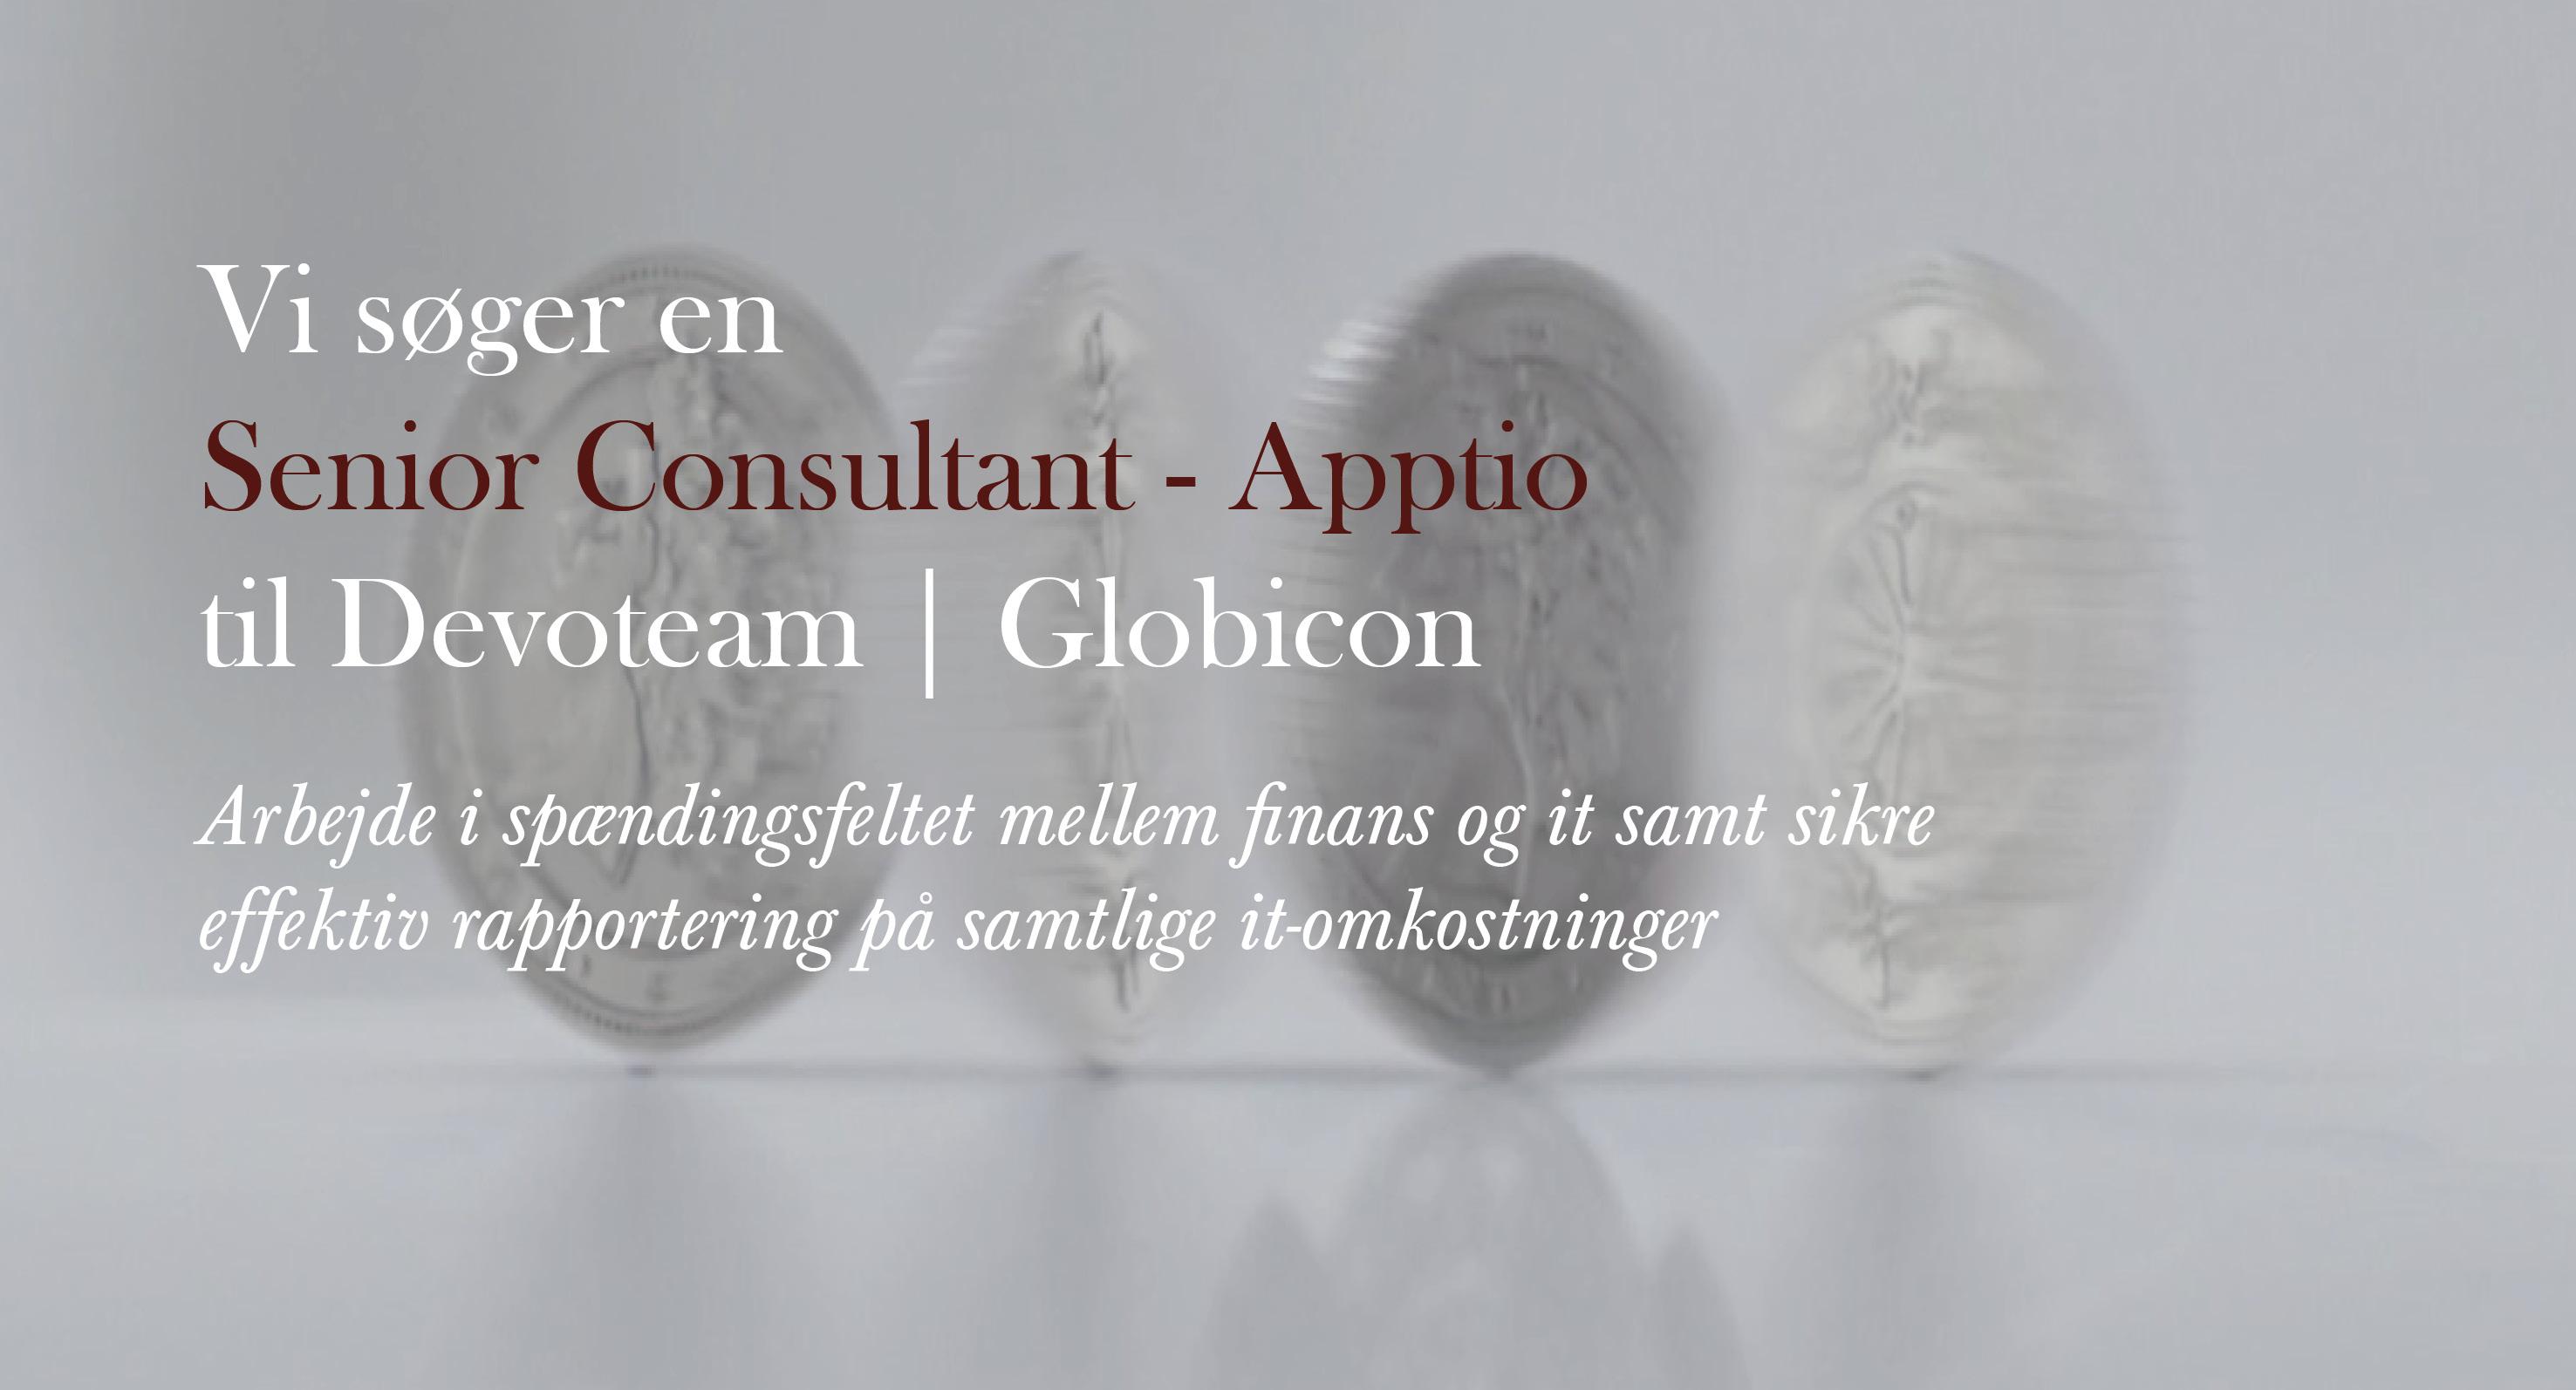 Senior Consultant - Apptio ITSM - Devoteam - Globicon